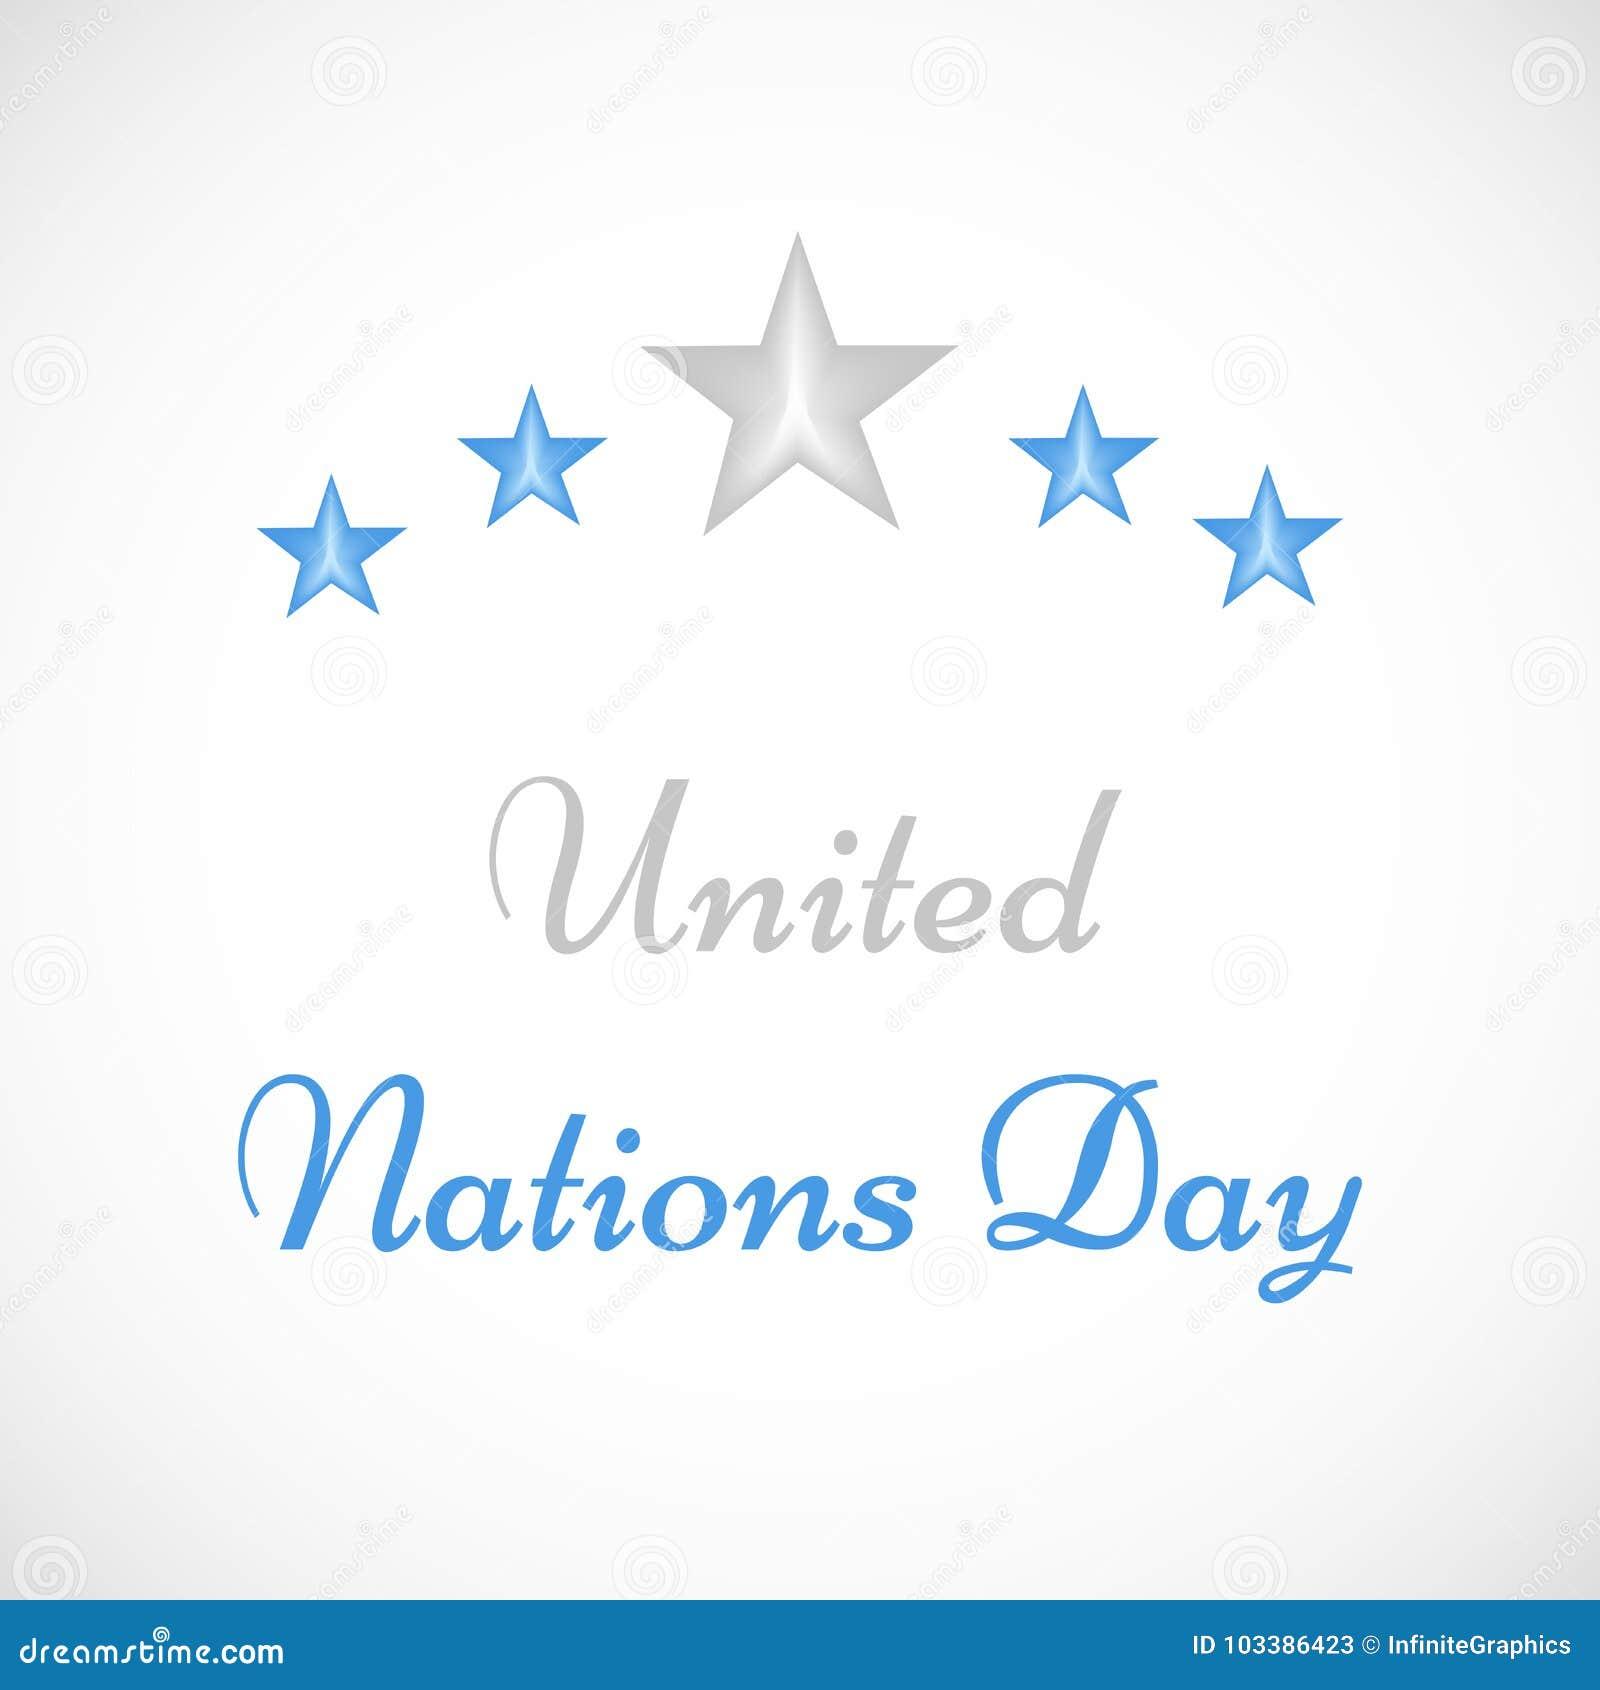 Illustrazione del fondo di giornata delle nazioni unite